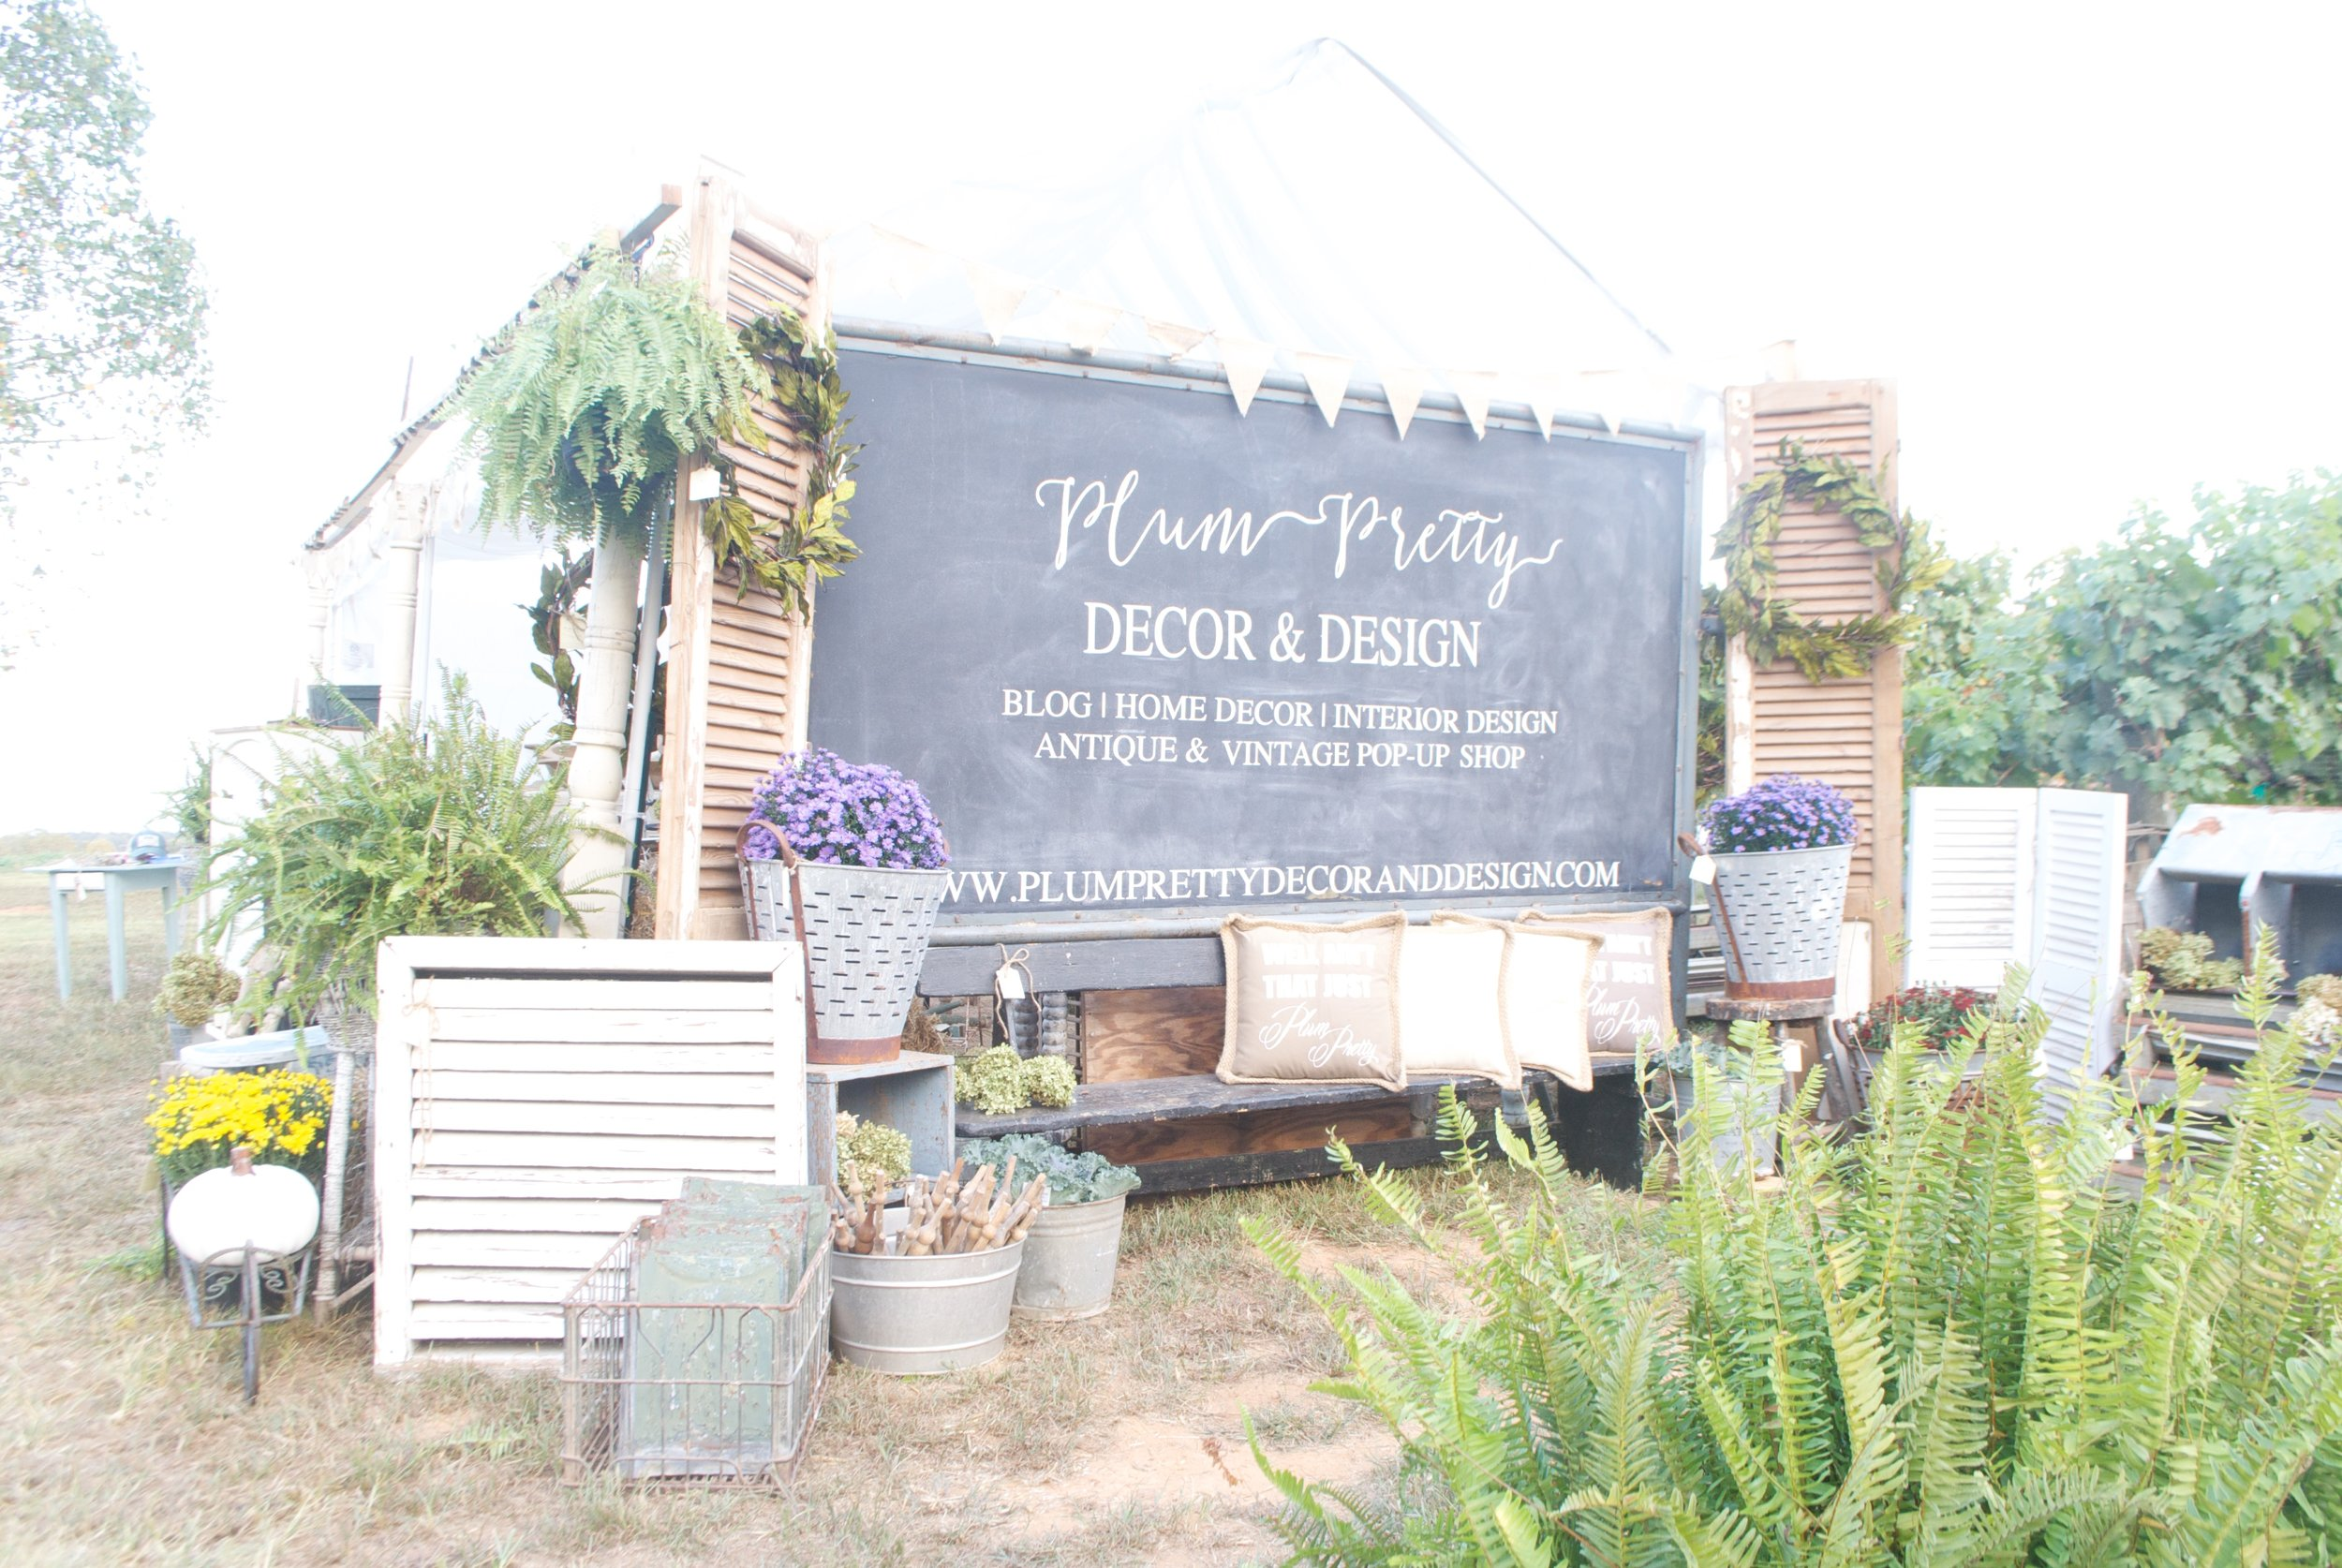 The Gray Door Market Pop Up 2016- Plum Pretty Decor and Design- Plum Pretty Decor and Design- Setup